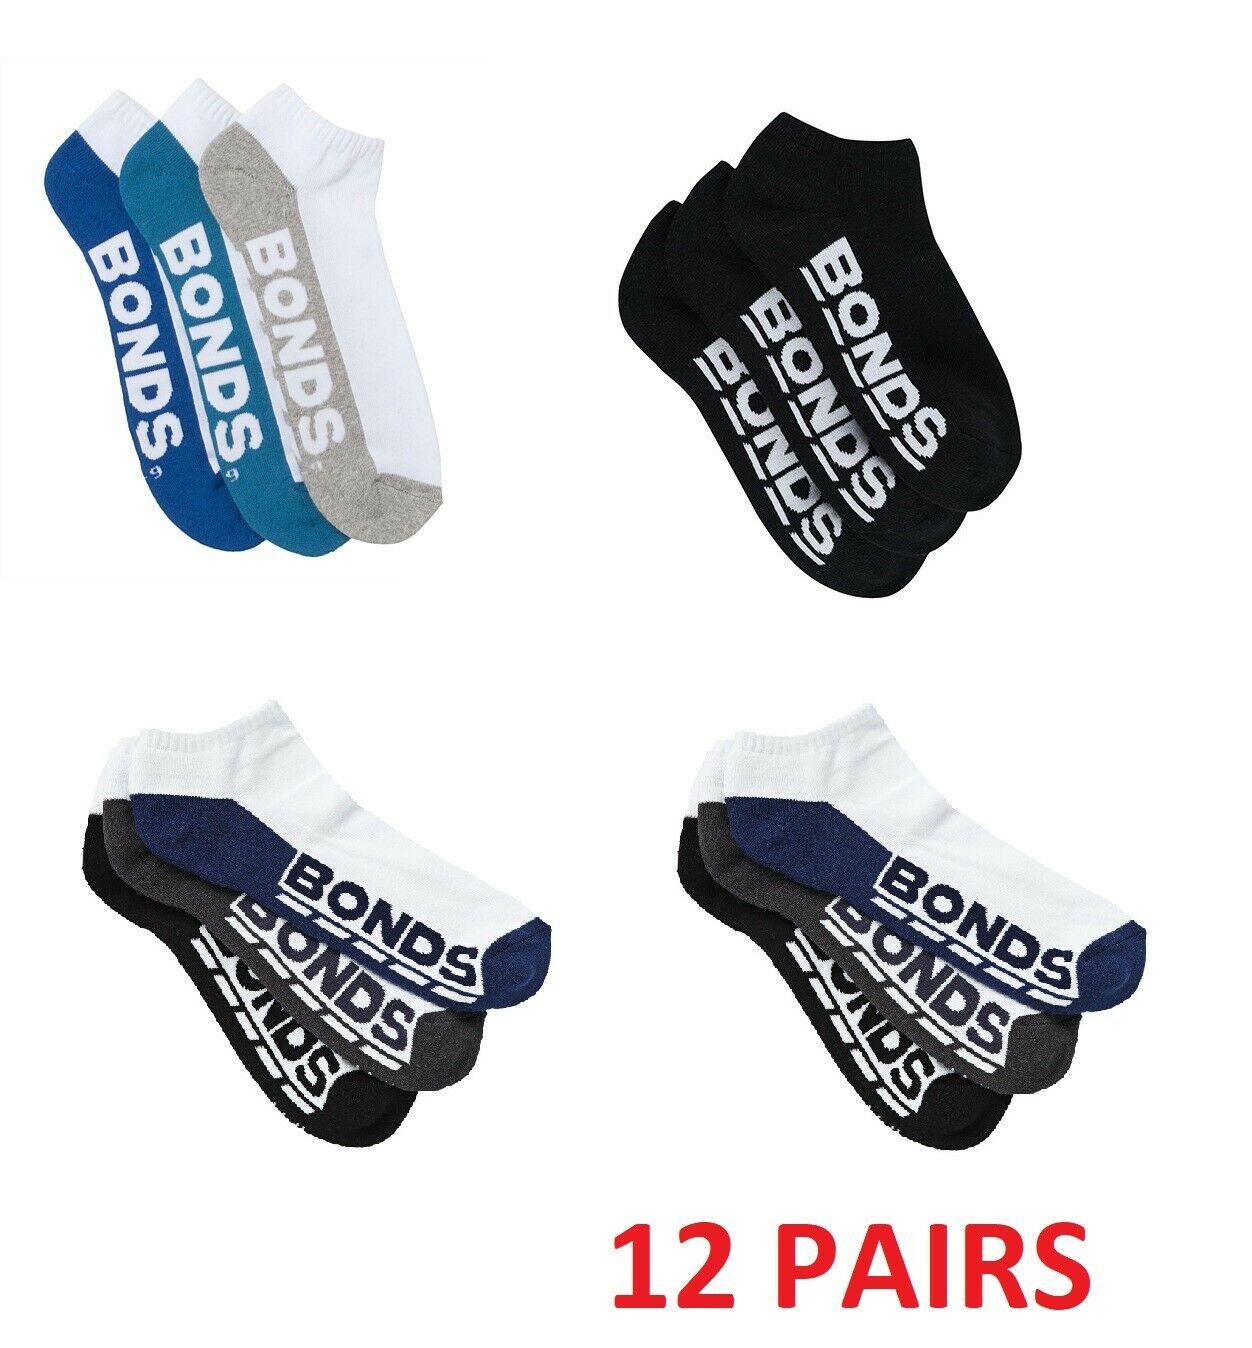 5 x BONDS MENS QUARTER CREW SOCKS Everyday Sport Running Sock Black White